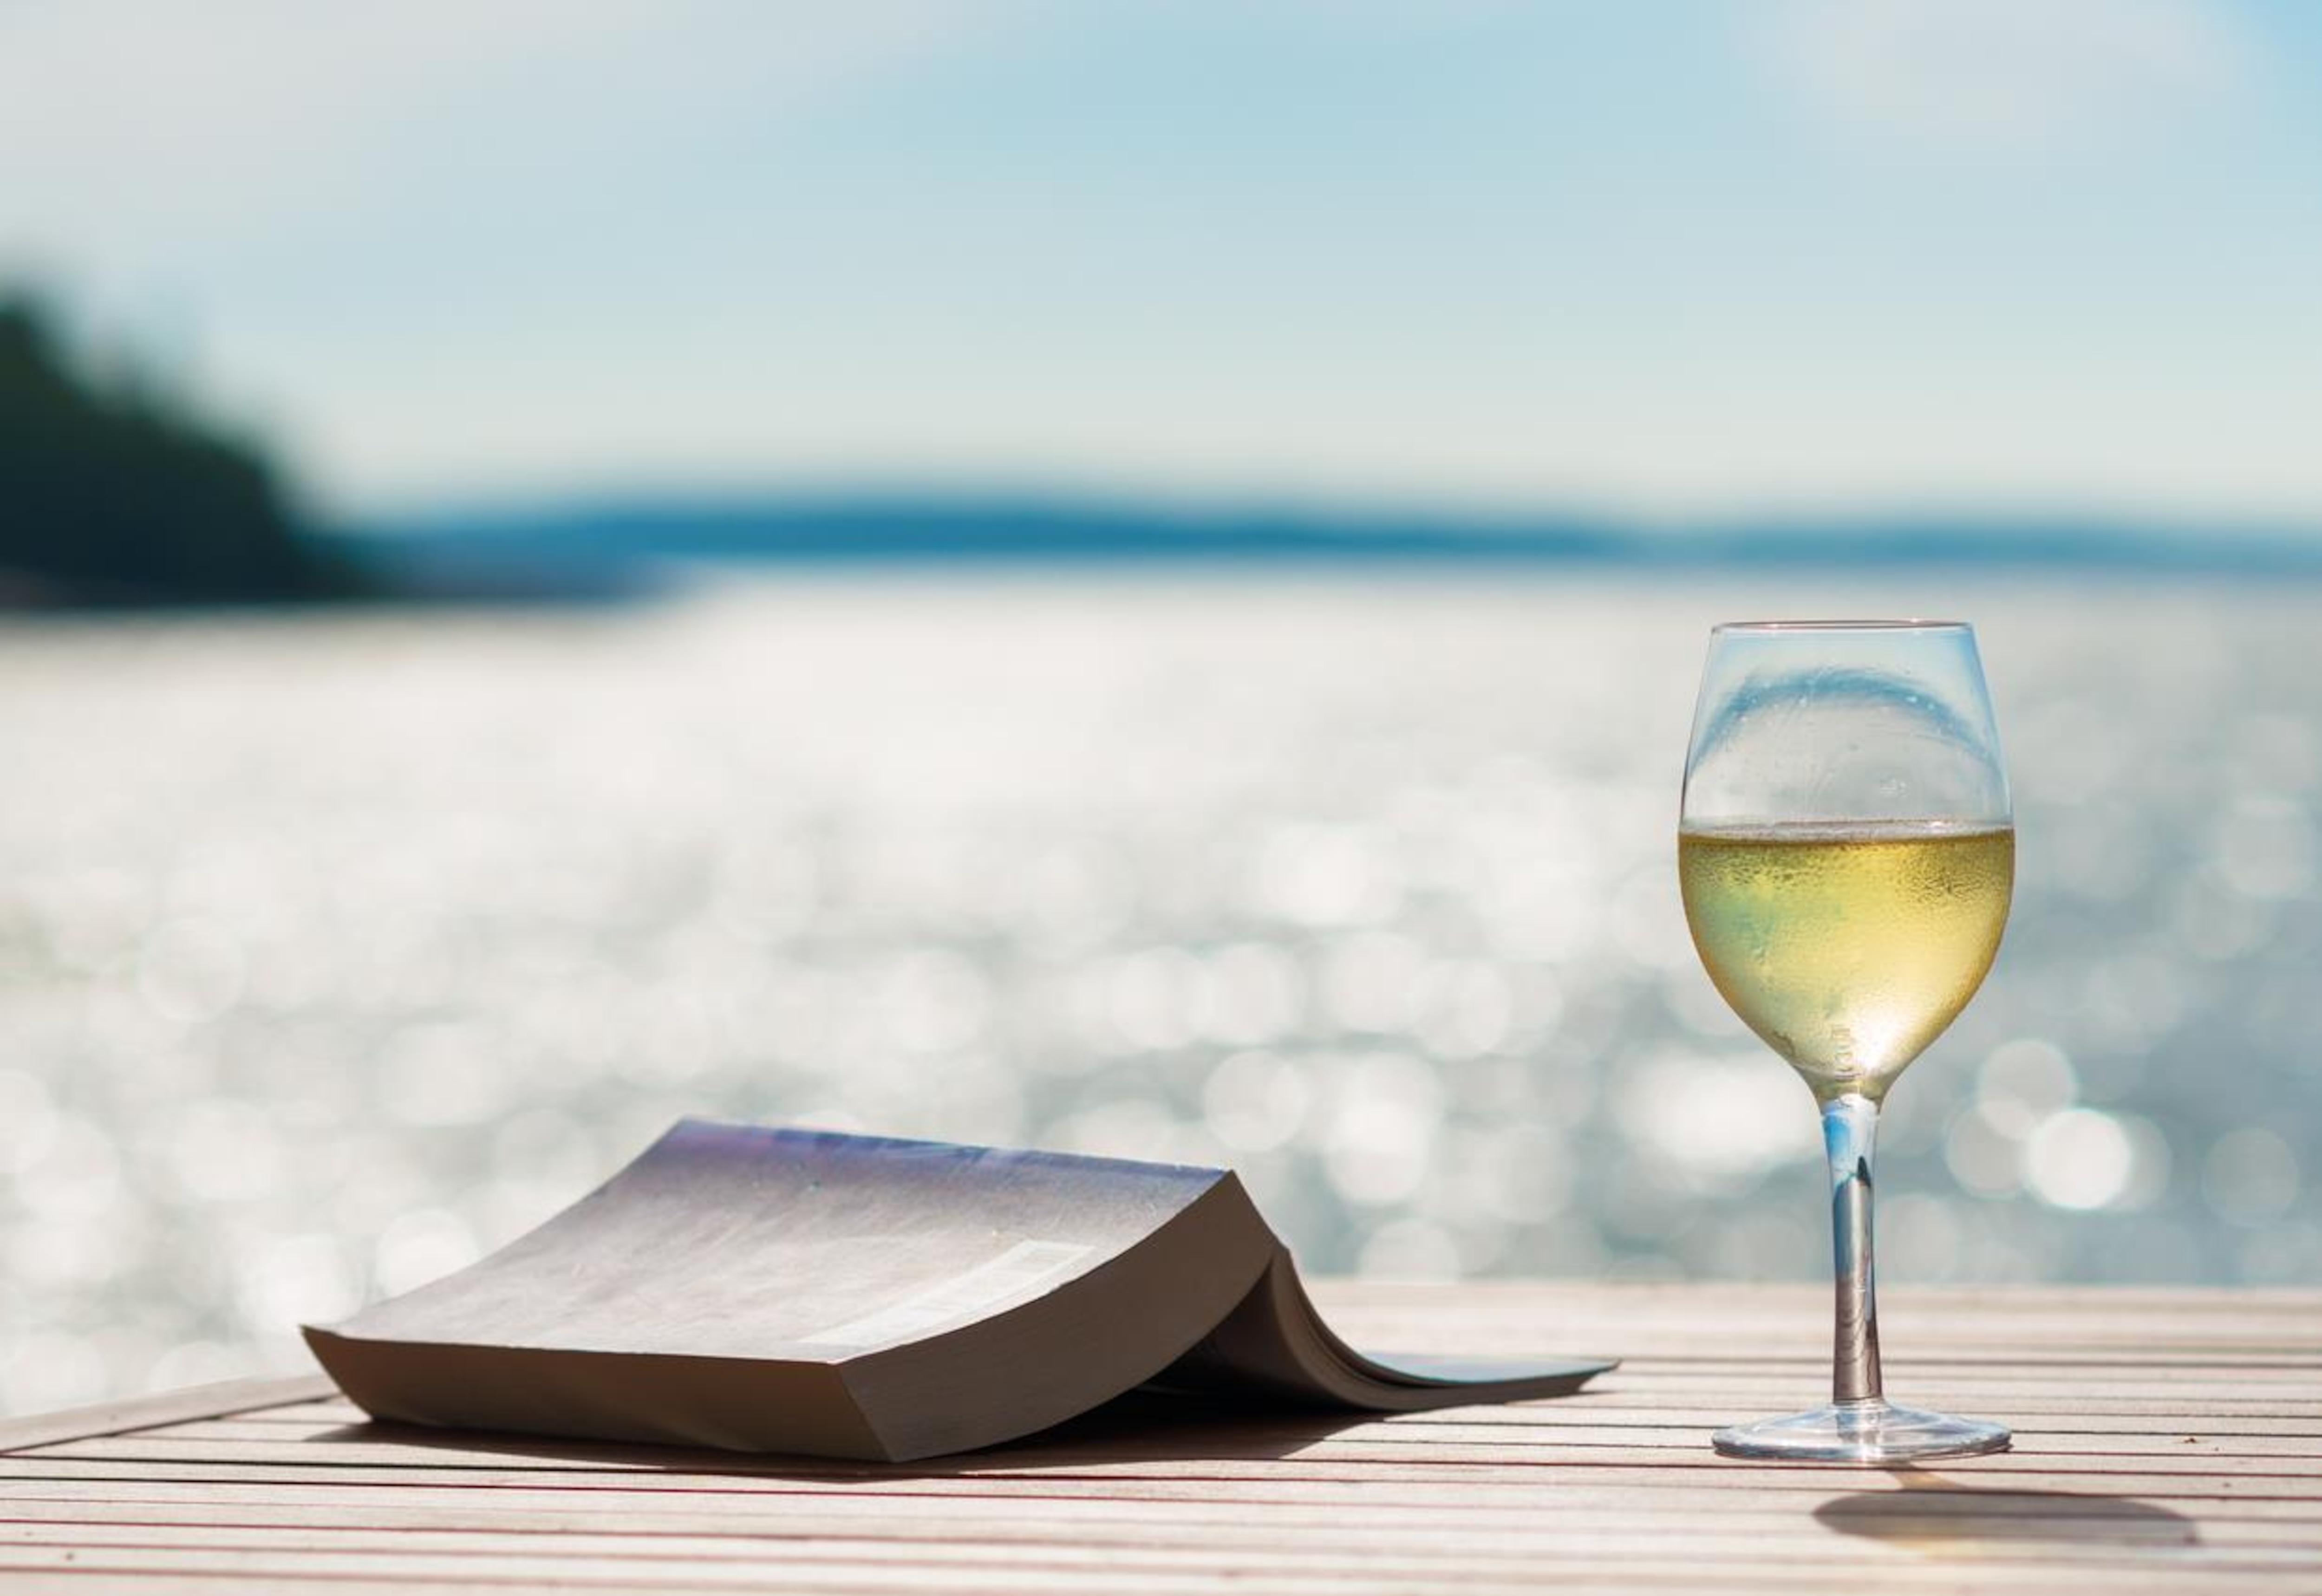 Un livre et un verre de vin blanc sont posés sur une table à l'extérieur